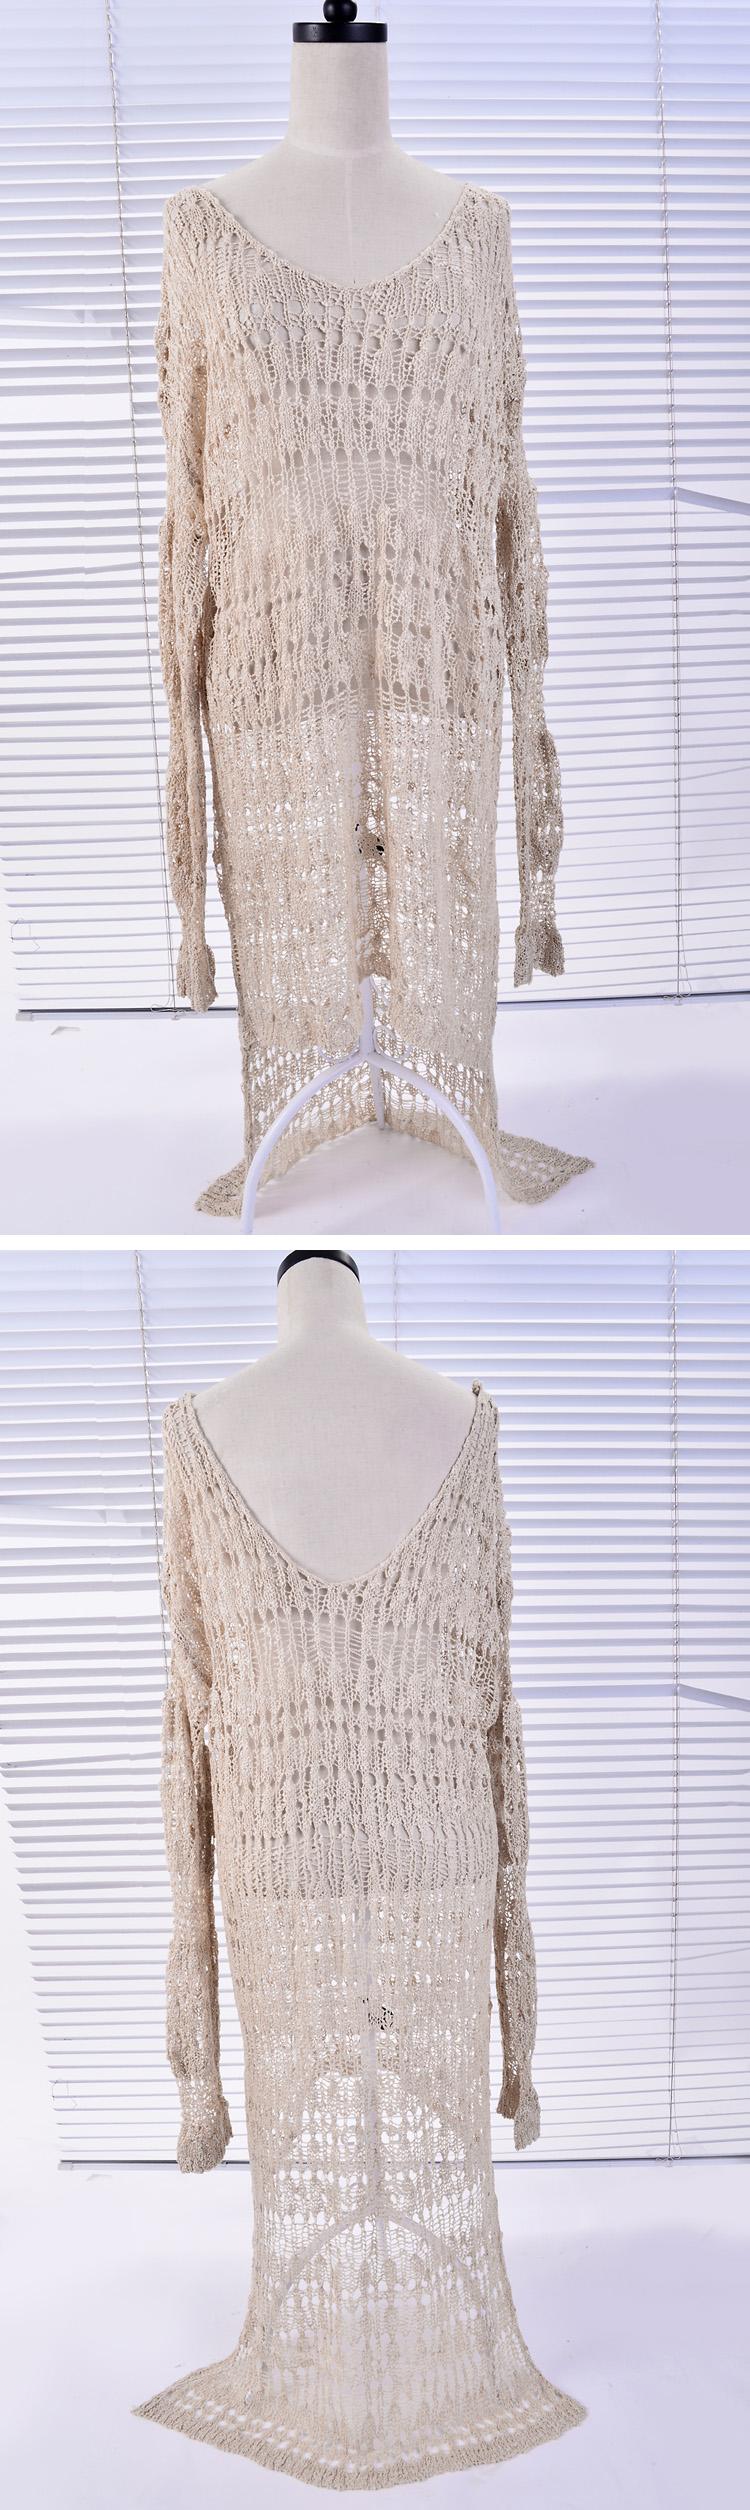 Polyester FashionBikini(Apricot - One Size) NHXW0155-Apricot - One Size